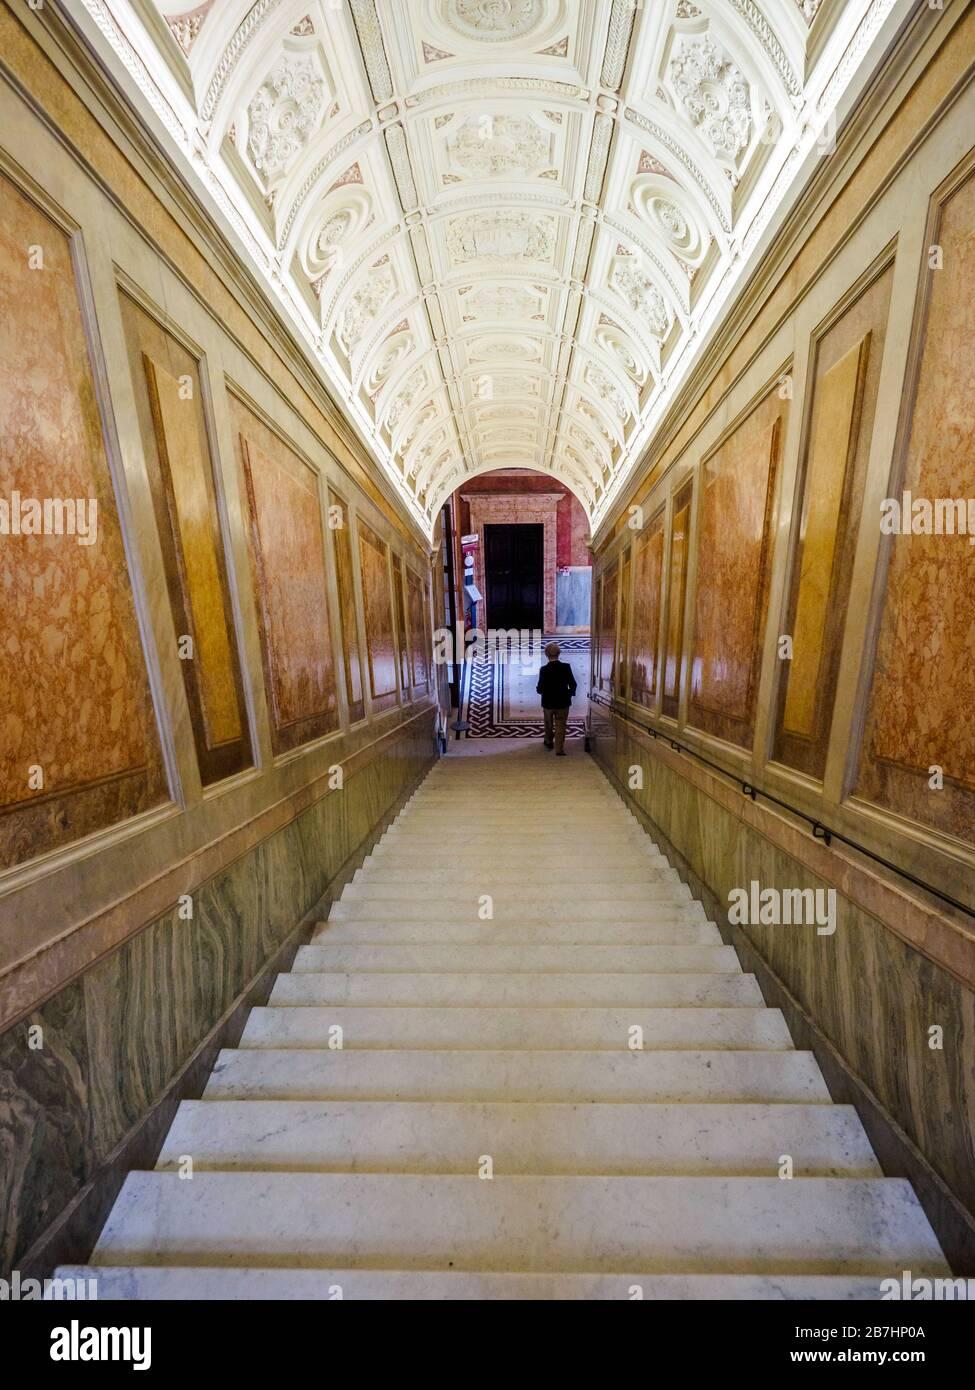 Stairway in villa Farnesina  - Rome, Italy Stock Photo